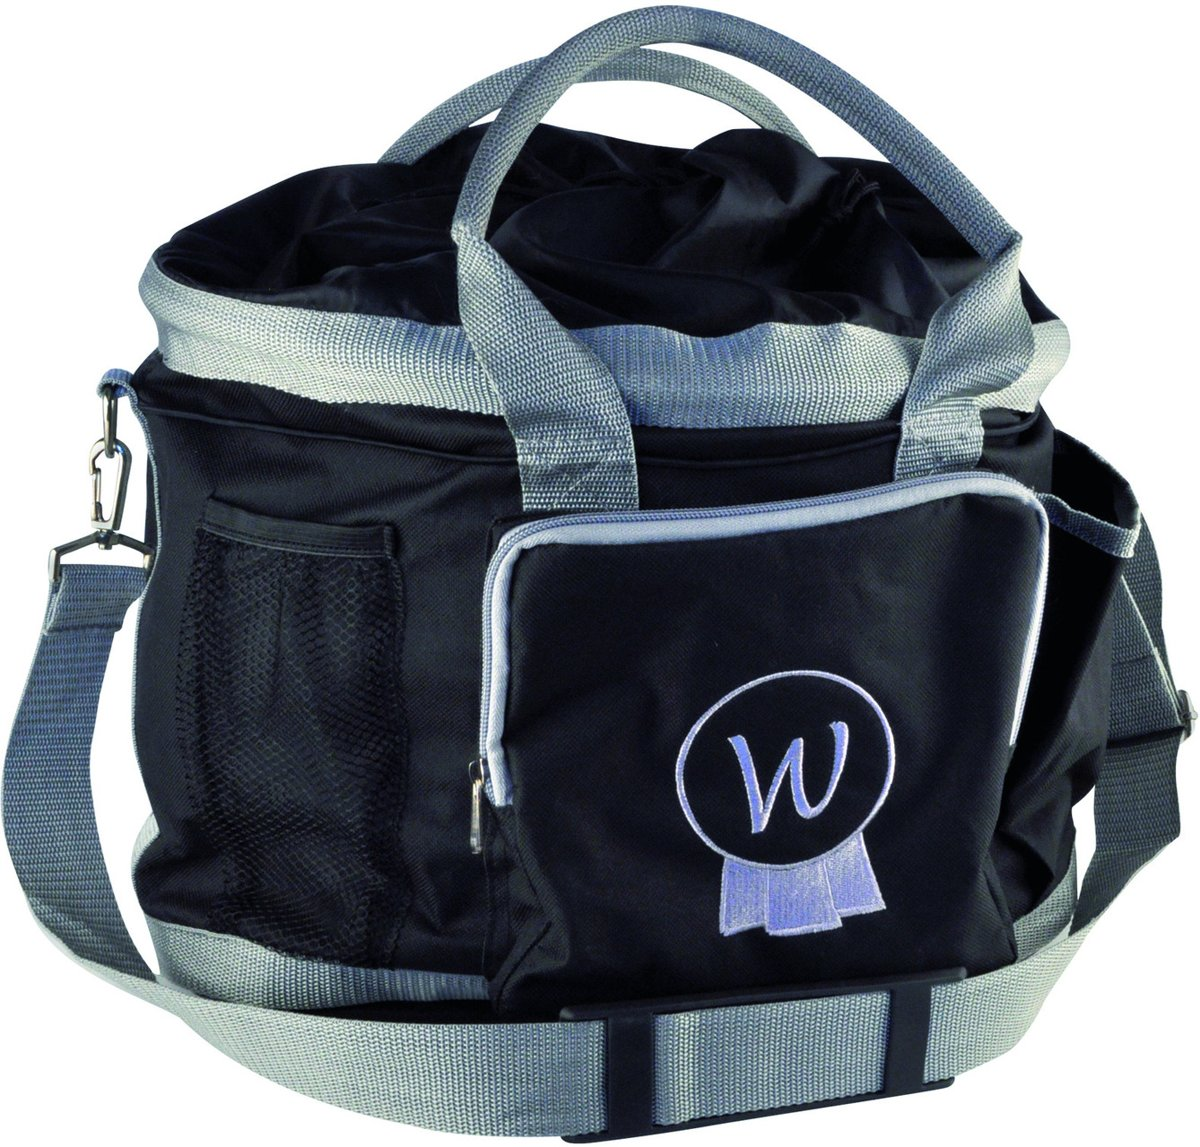 Https Nl P Zoocchini Trainingsbroekjes Boy Ocean 3 4 Y Tas Backpack Premium Old Steelseries Orange 9200000051522348